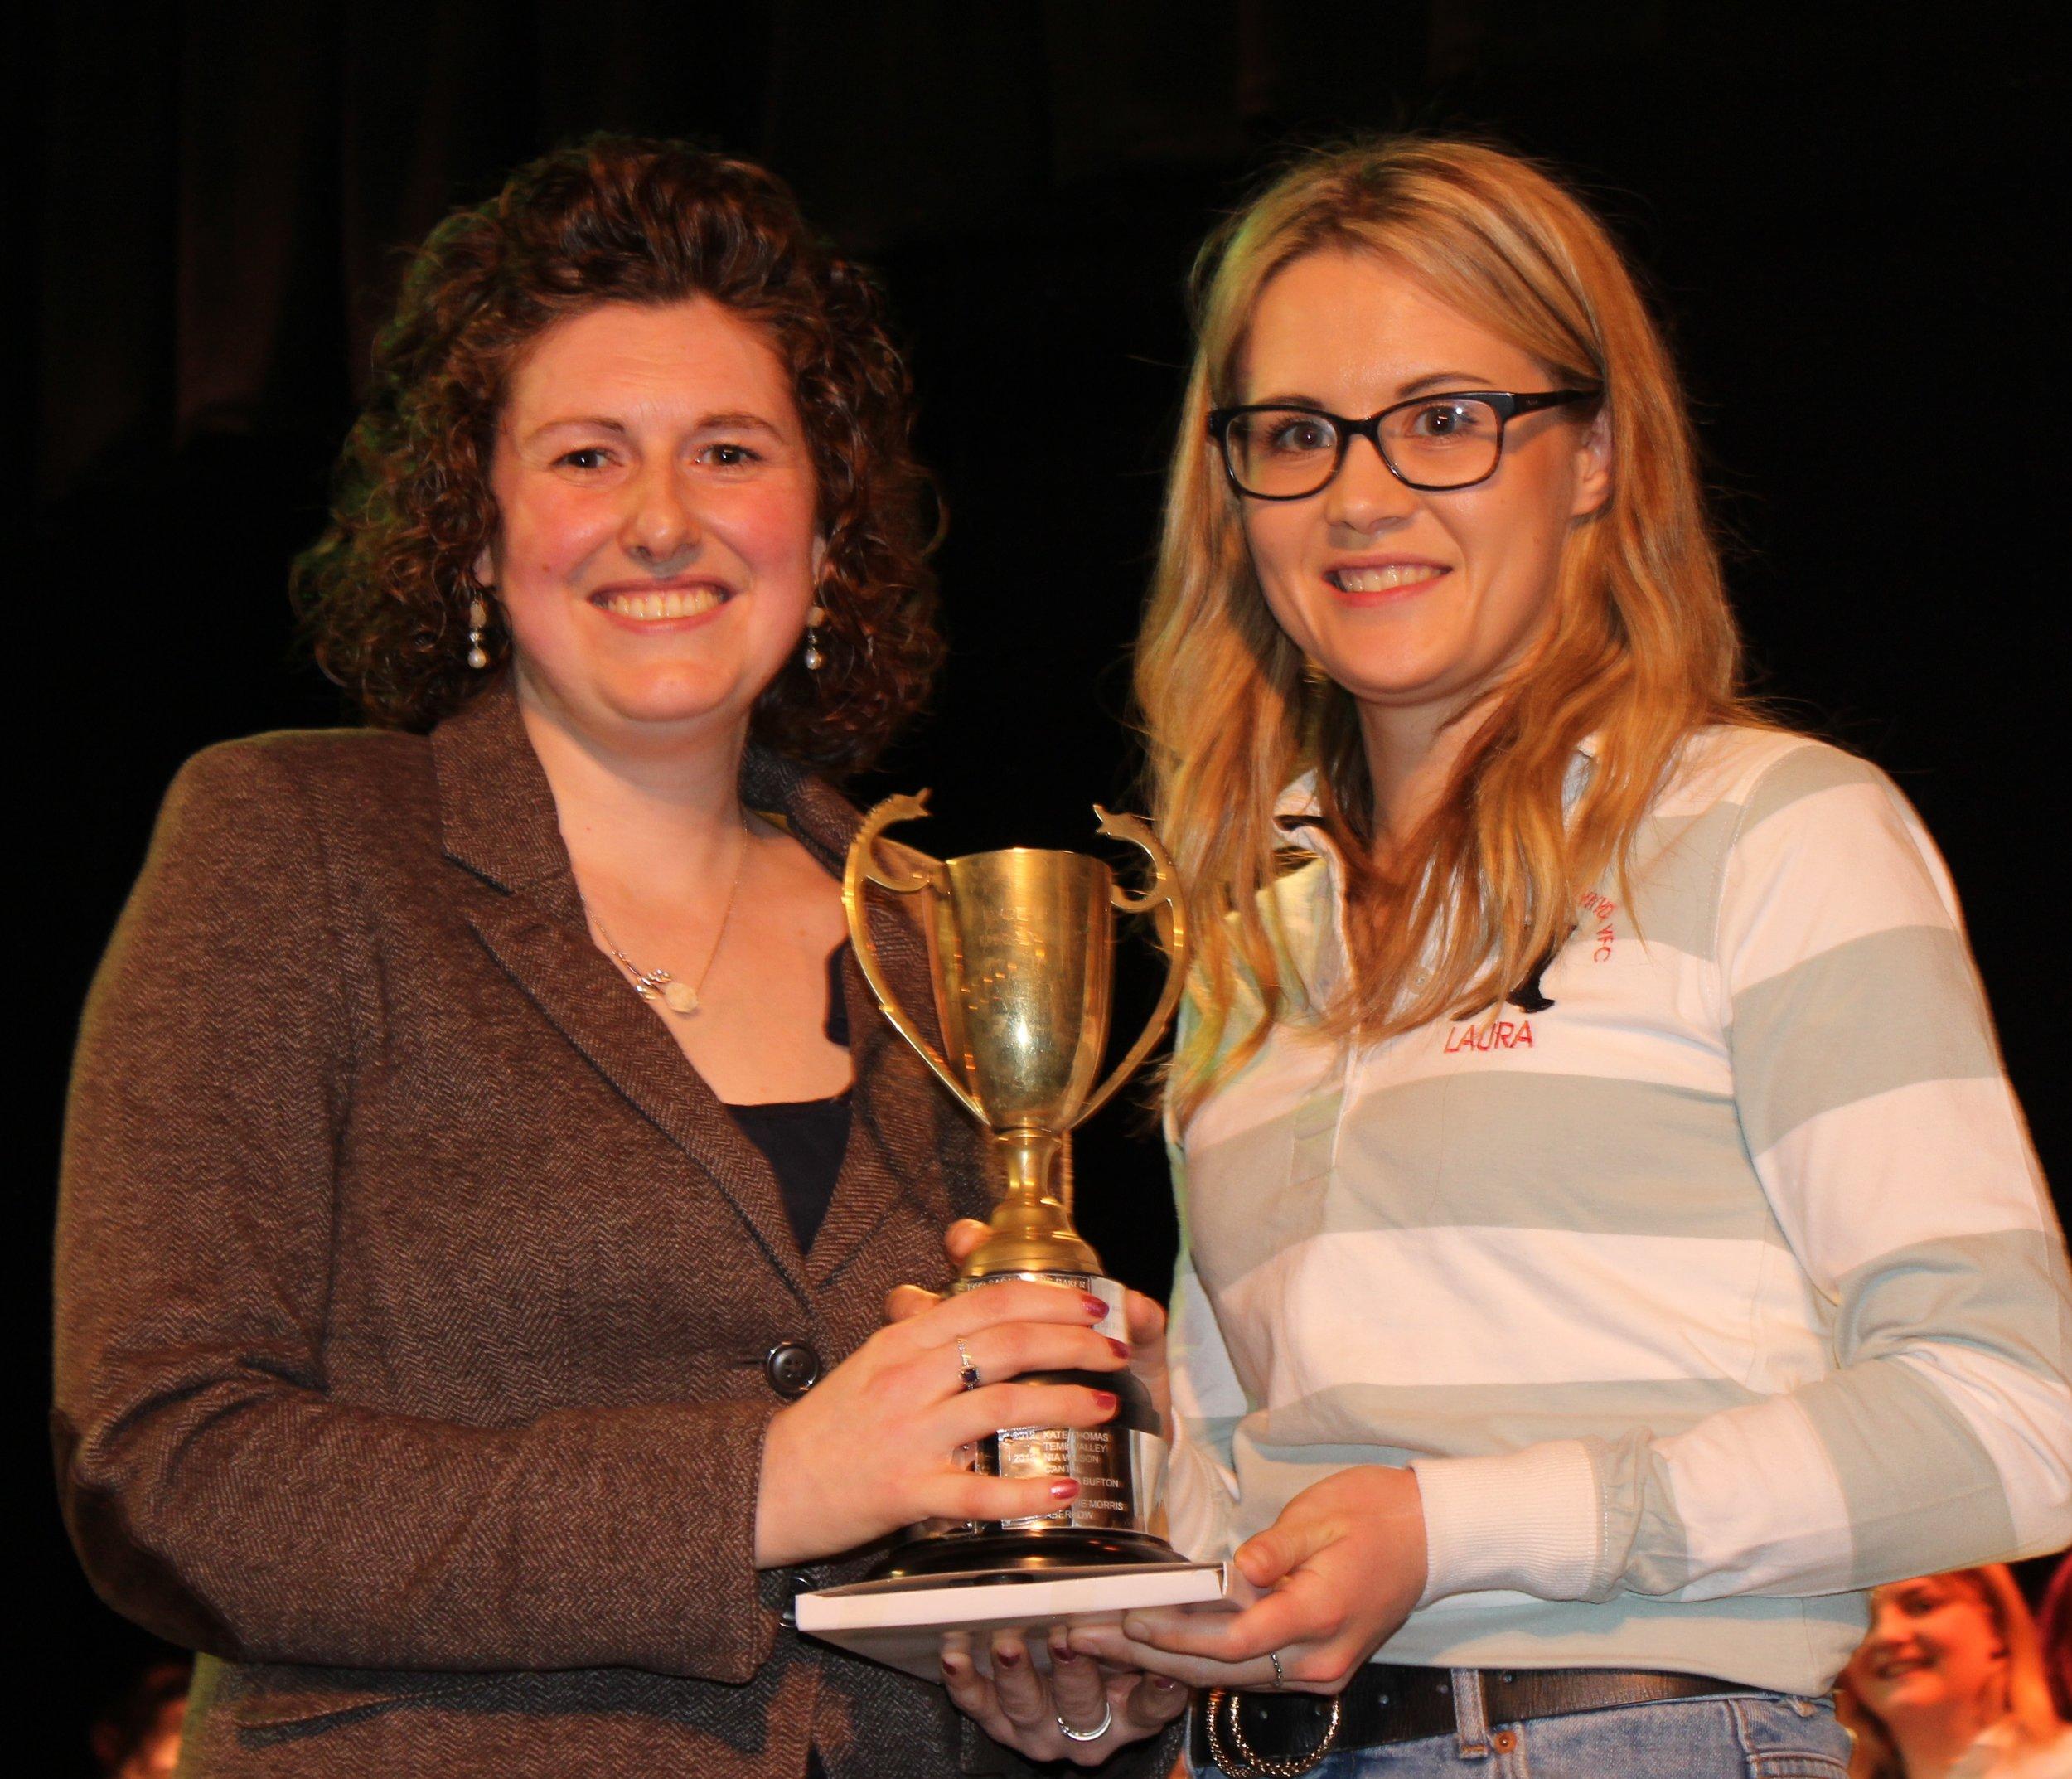 Laura Watson, Llanbadarn Fynydd YFC - Blodwen Griffiths Trophy for Best Individual Female Performance.